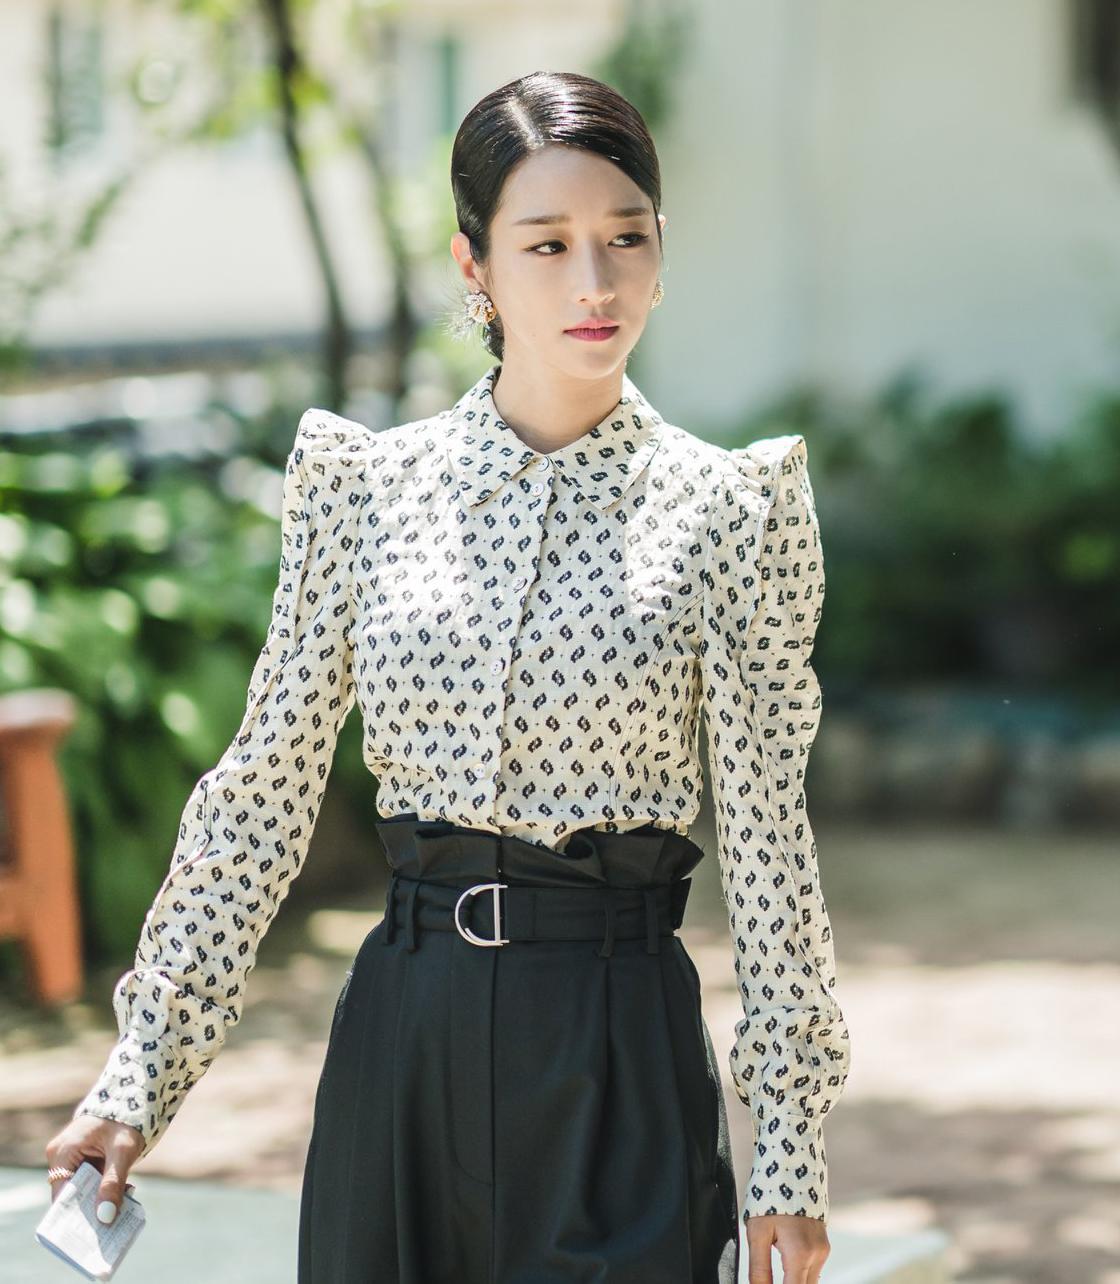 Trang phục độn vai giúp tôn lên nét đẹp sang chảnh, quý phái của Seo Ye Ji, rất ăn ý với hàng loạt phụ kiện bạc tỷ mà cô sử dụng.